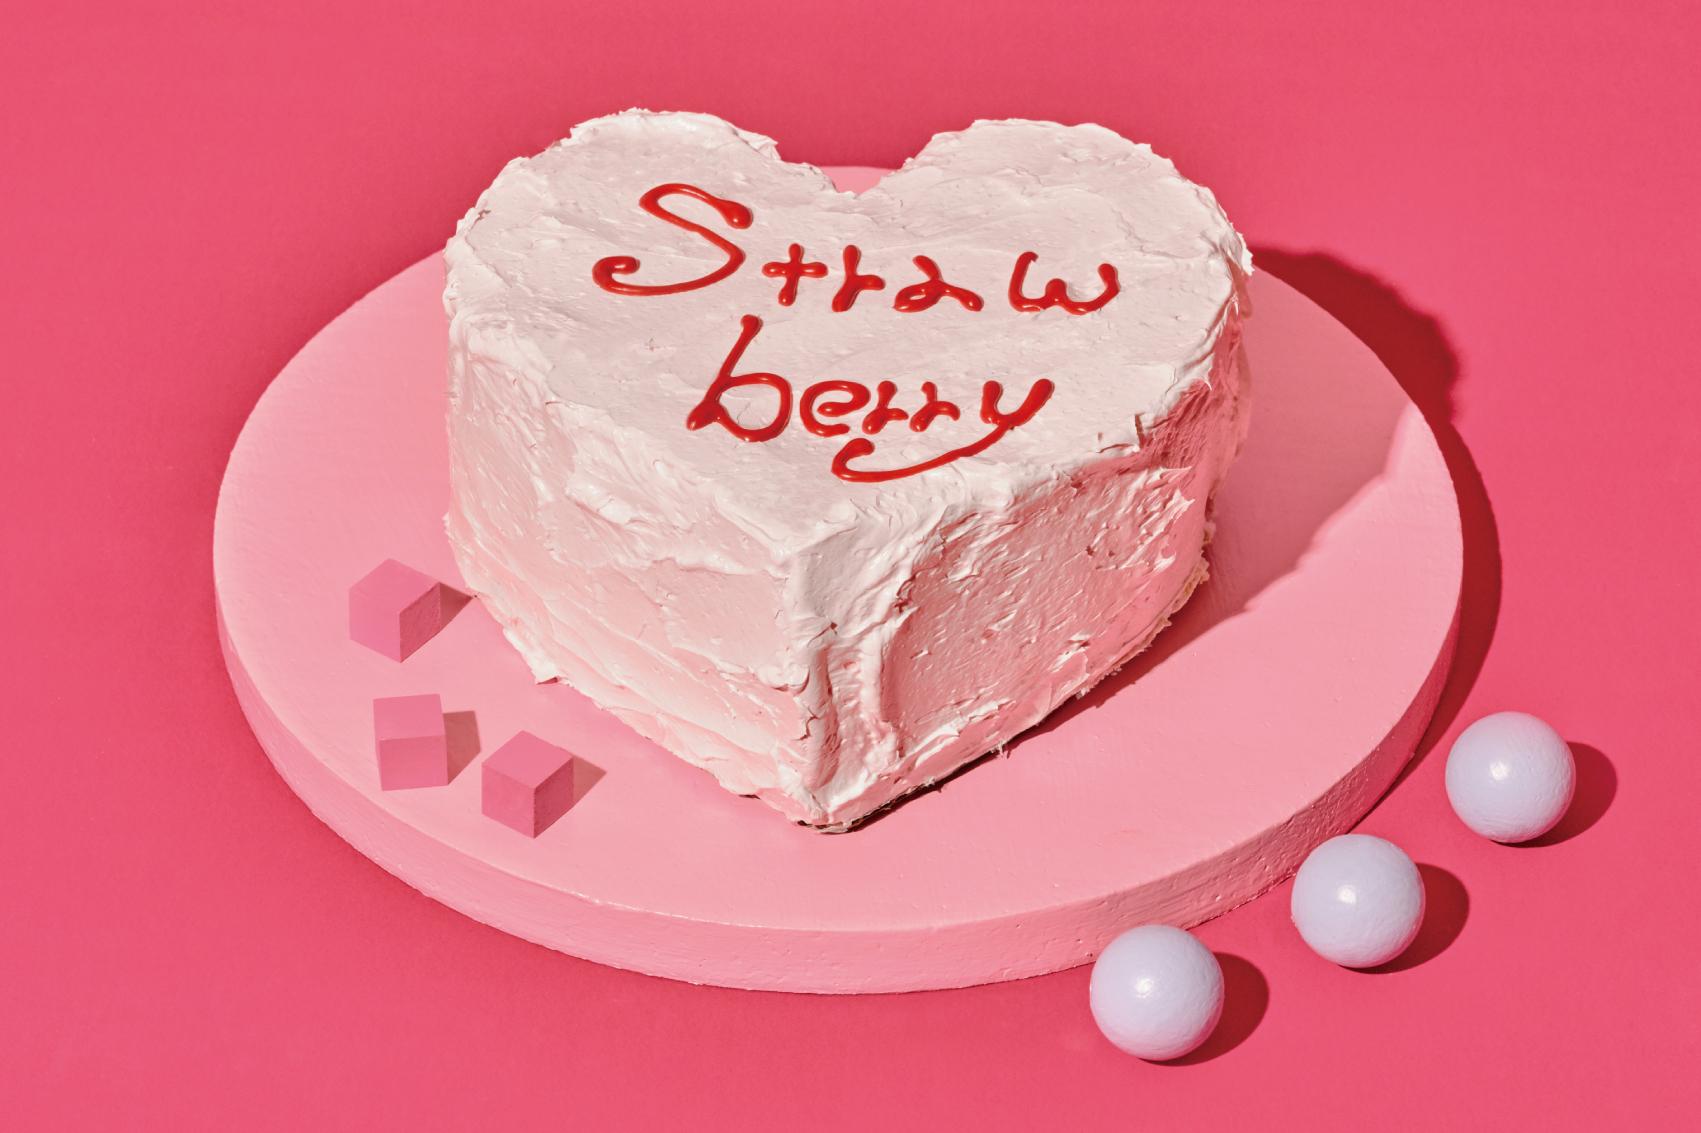 strawberry-playroom%e3%82%b9%e3%83%88%e3%83%ad%e3%83%99%e3%83%aa%e3%83%bc%e3%83%97%e3%83%ac%e3%82%a4%e3%83%ab%e3%83%bc%e3%83%a0-3-2